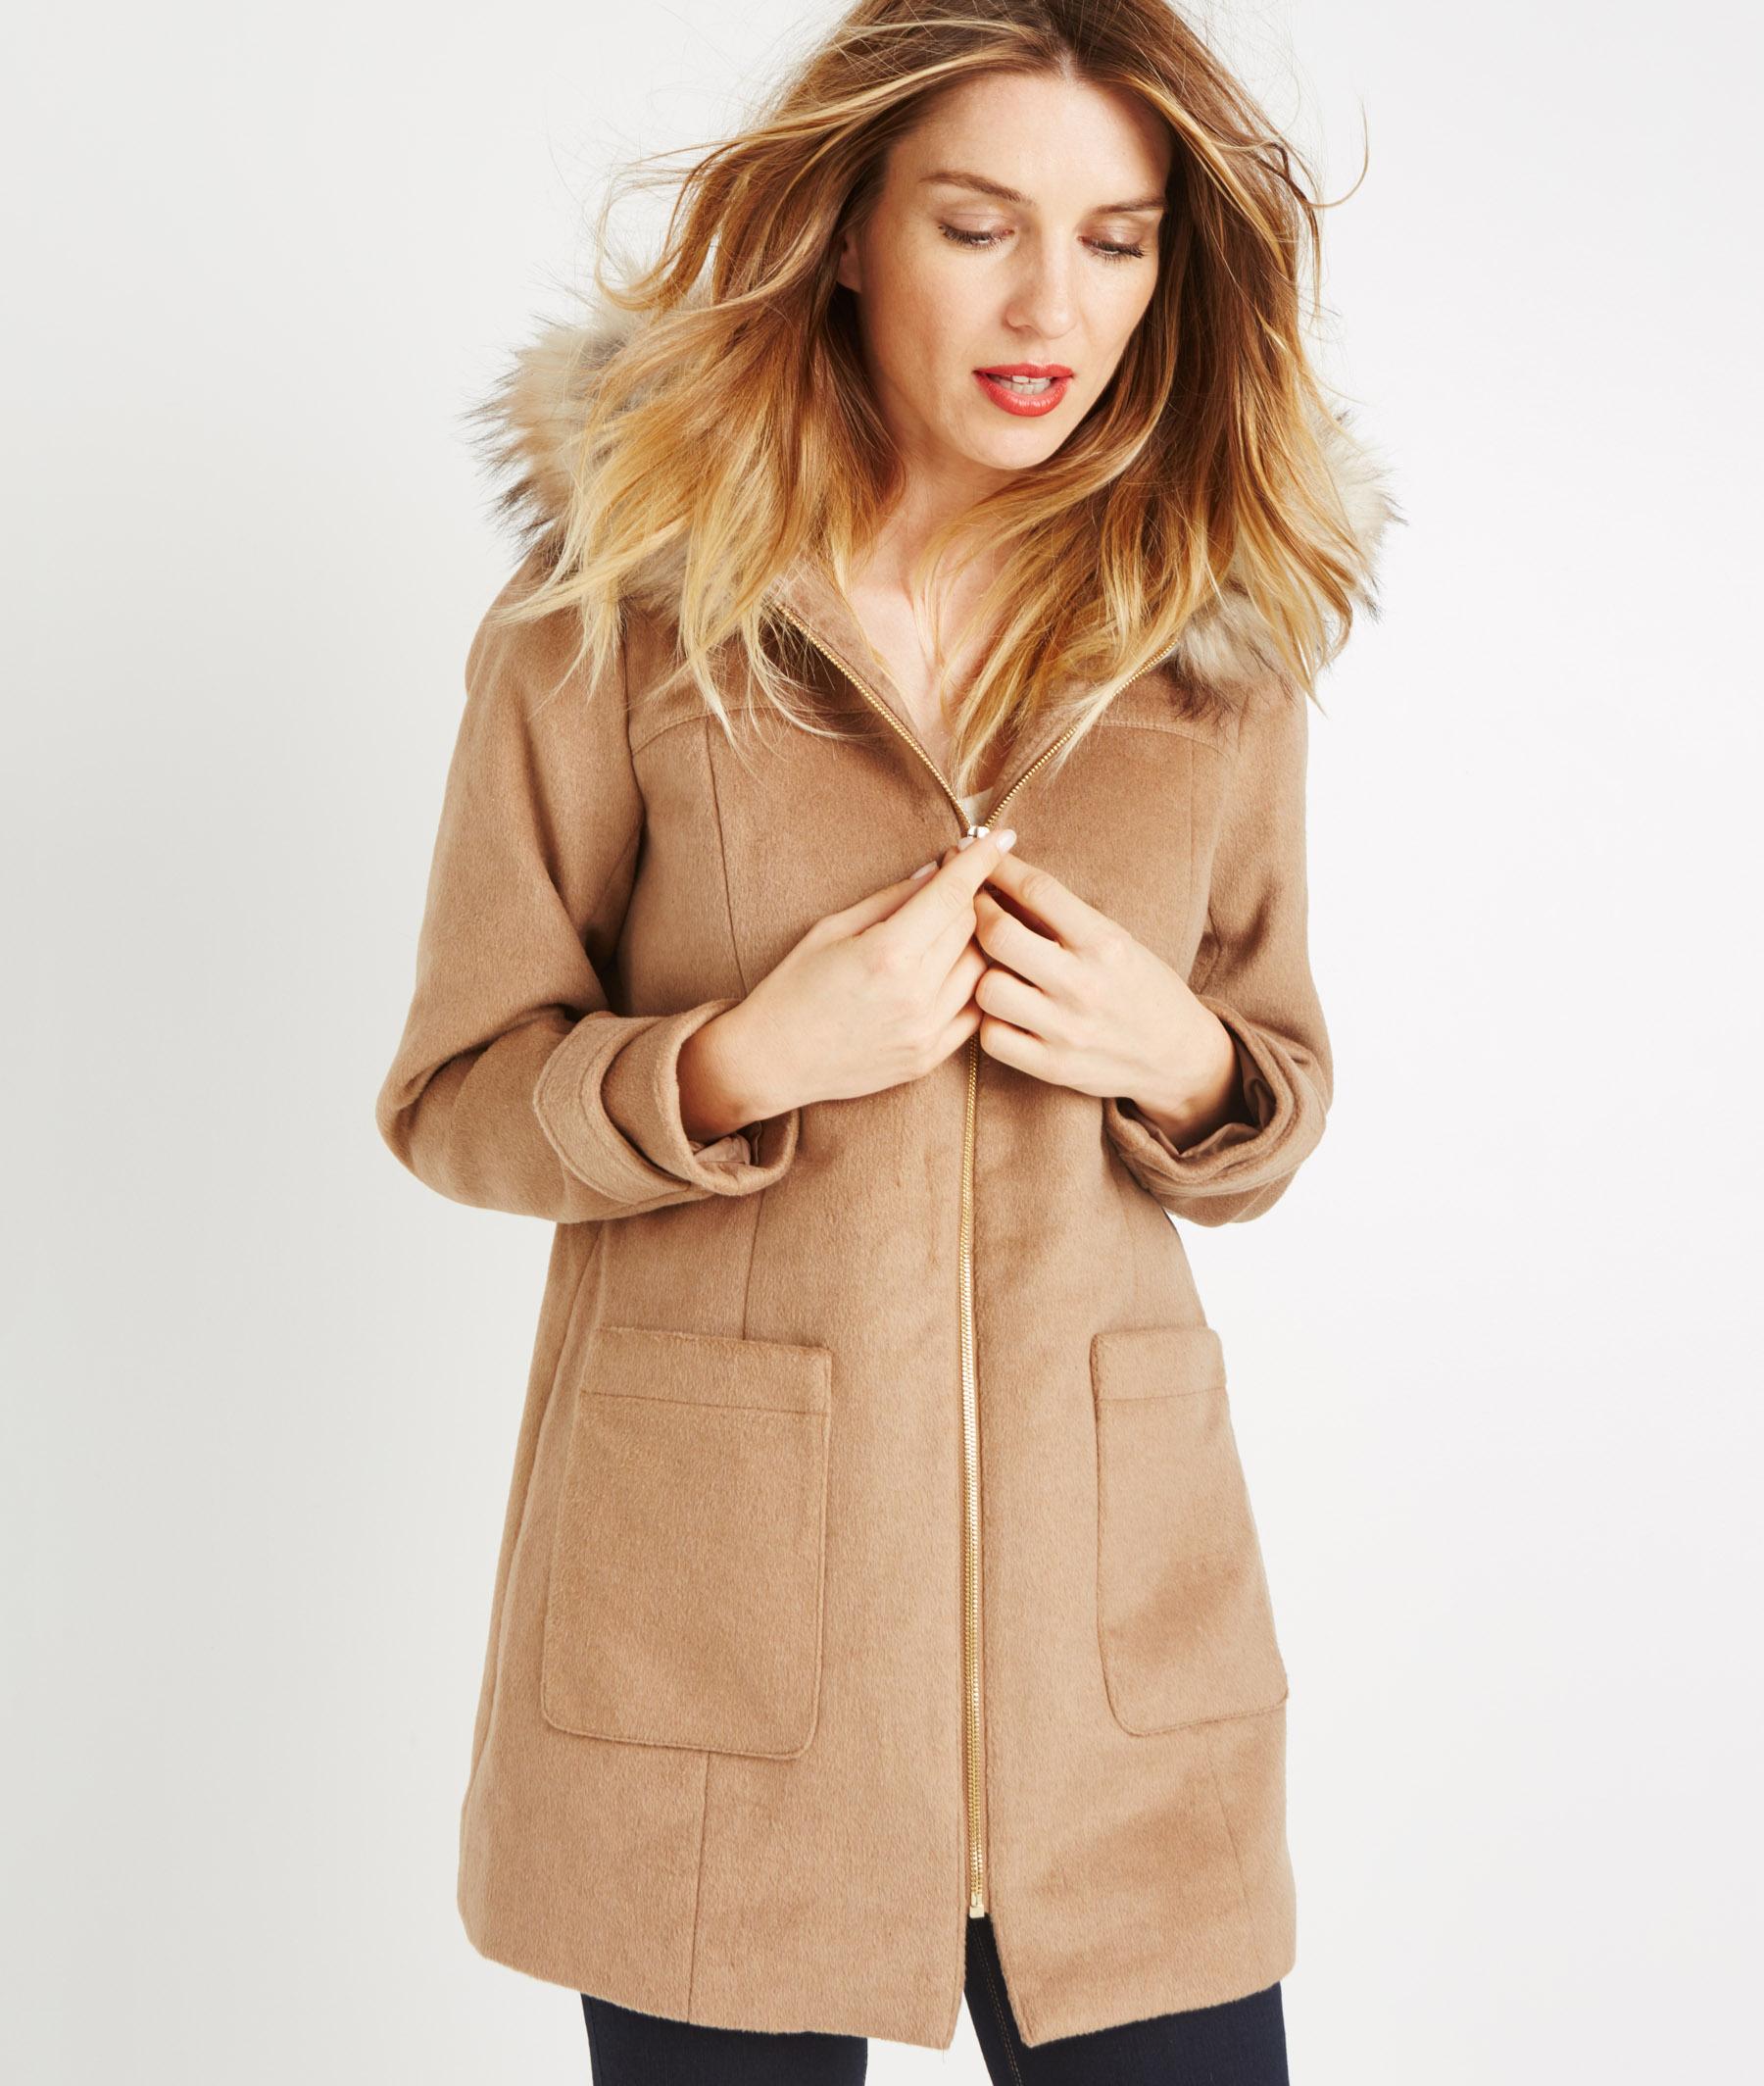 Manteau à capuche imitation fourrure CARAMEL